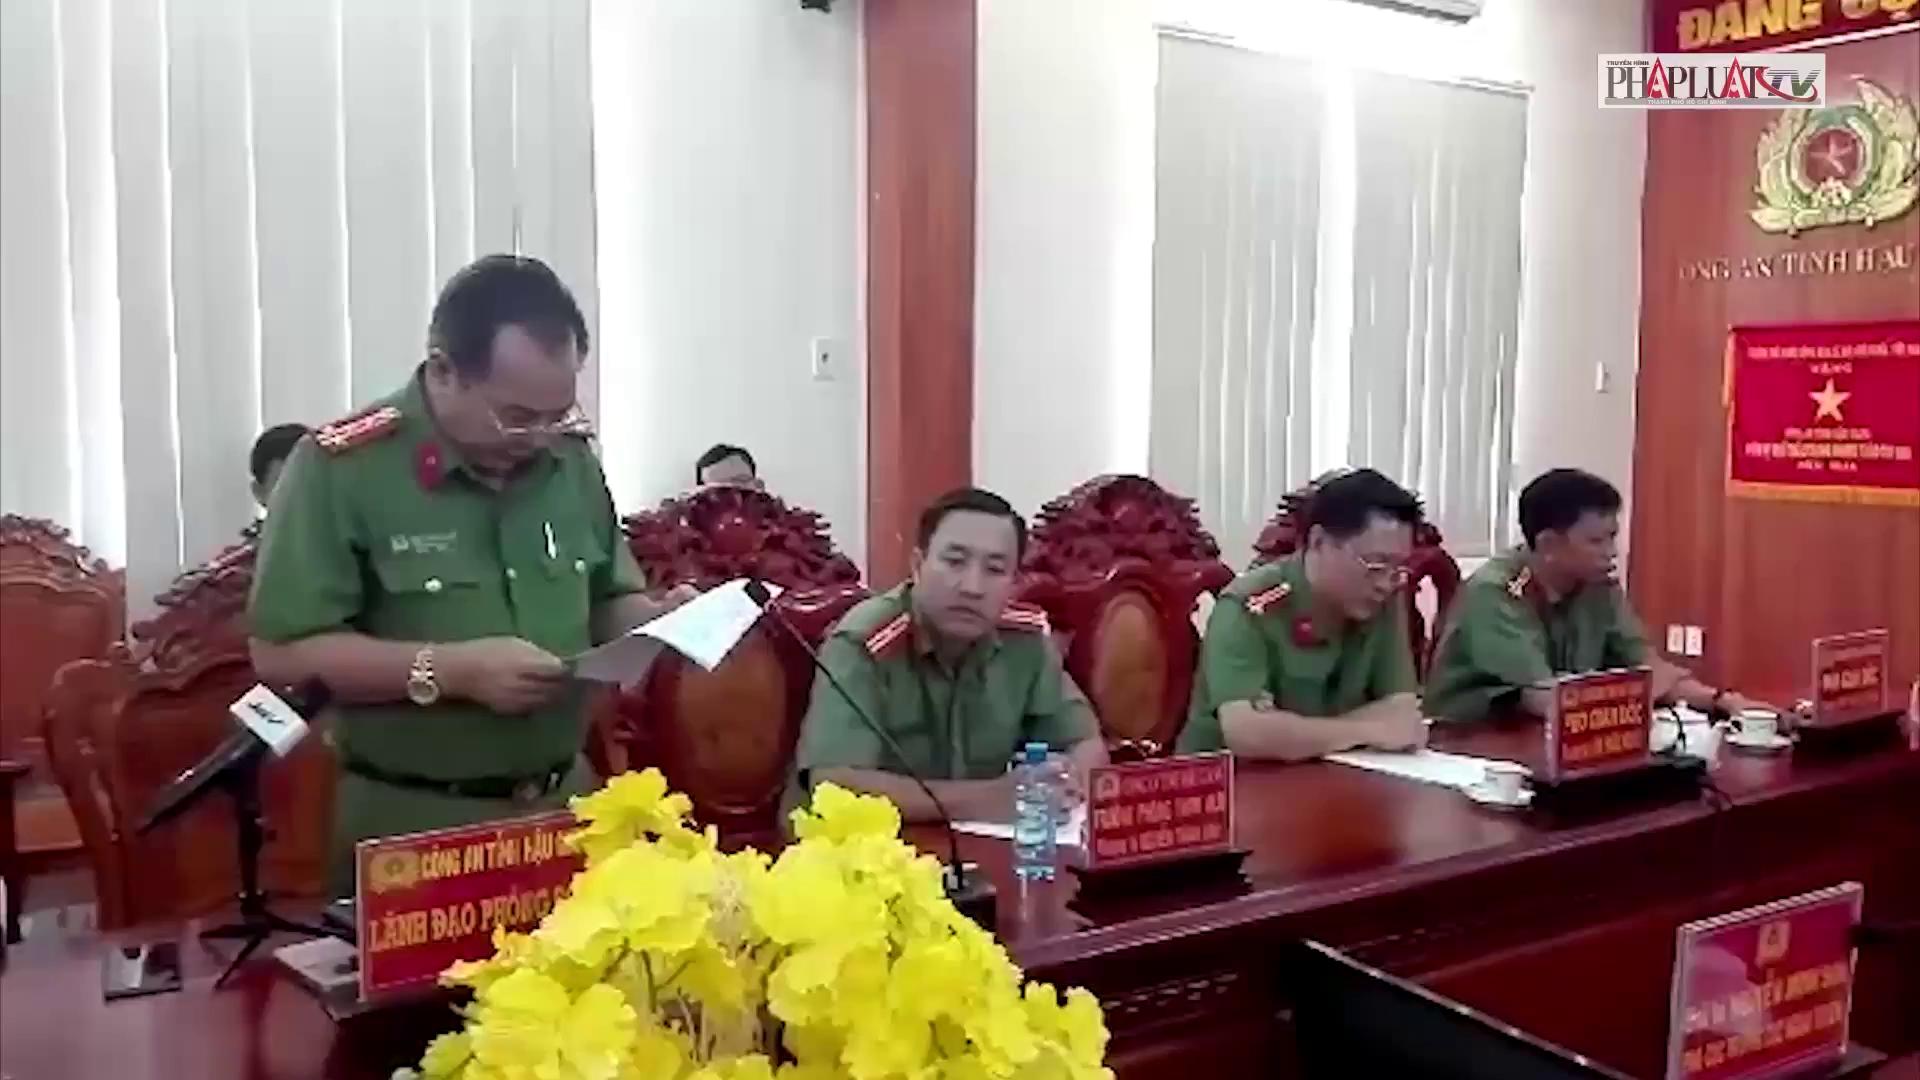 Buổi họp báo vụ con gái thuê người đốt xe làm cha chết (Nguồn: PL TPHCM)